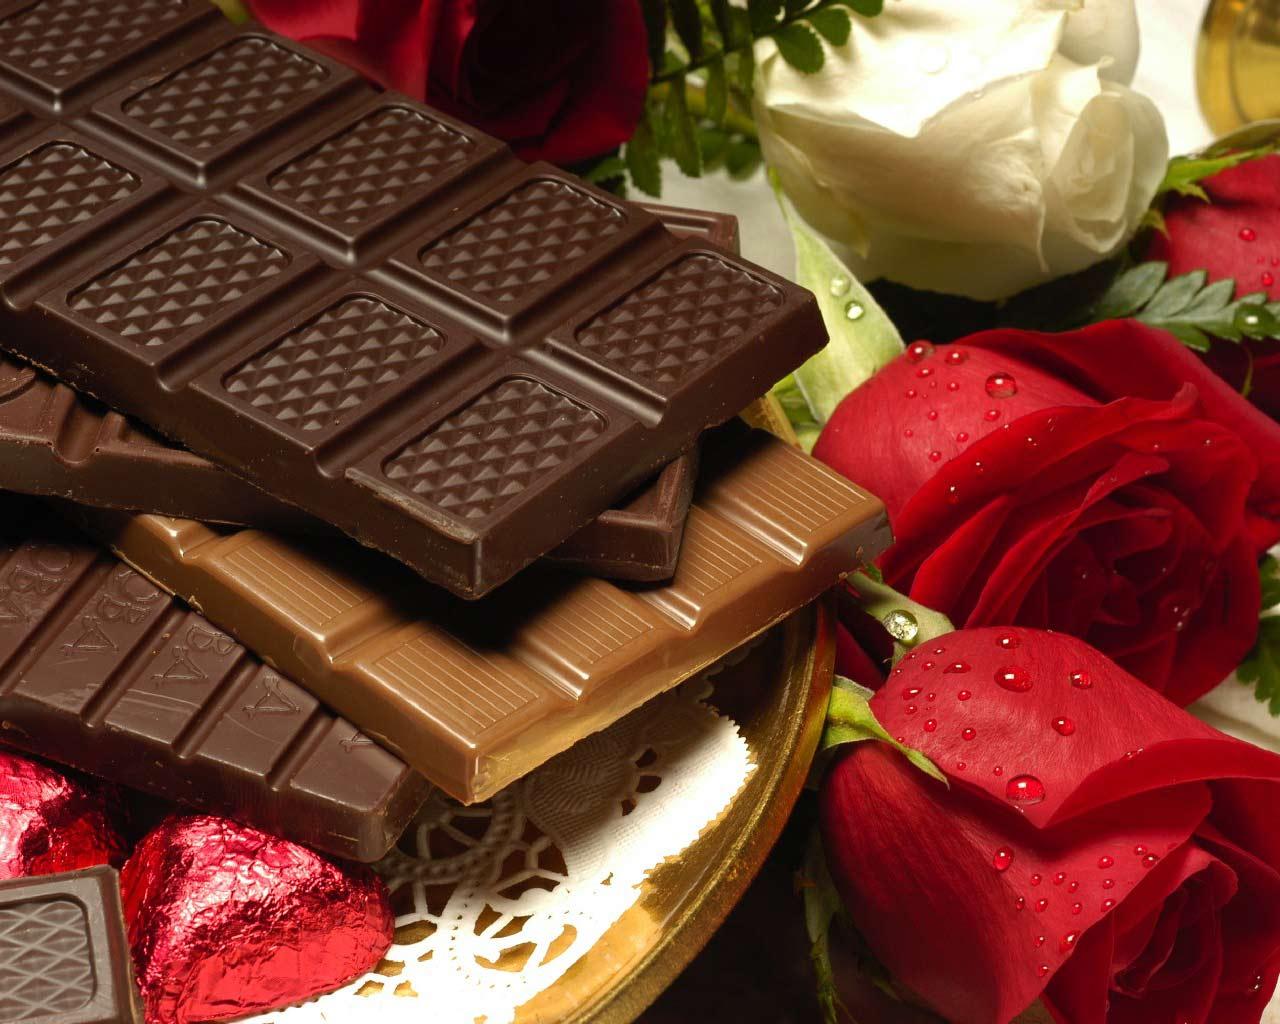 http://4.bp.blogspot.com/_rc43ddTv0Sc/TU_DKOQ6e9I/AAAAAAAAADE/PKaWr2u9Zvo/s1600/chocolate.jpg